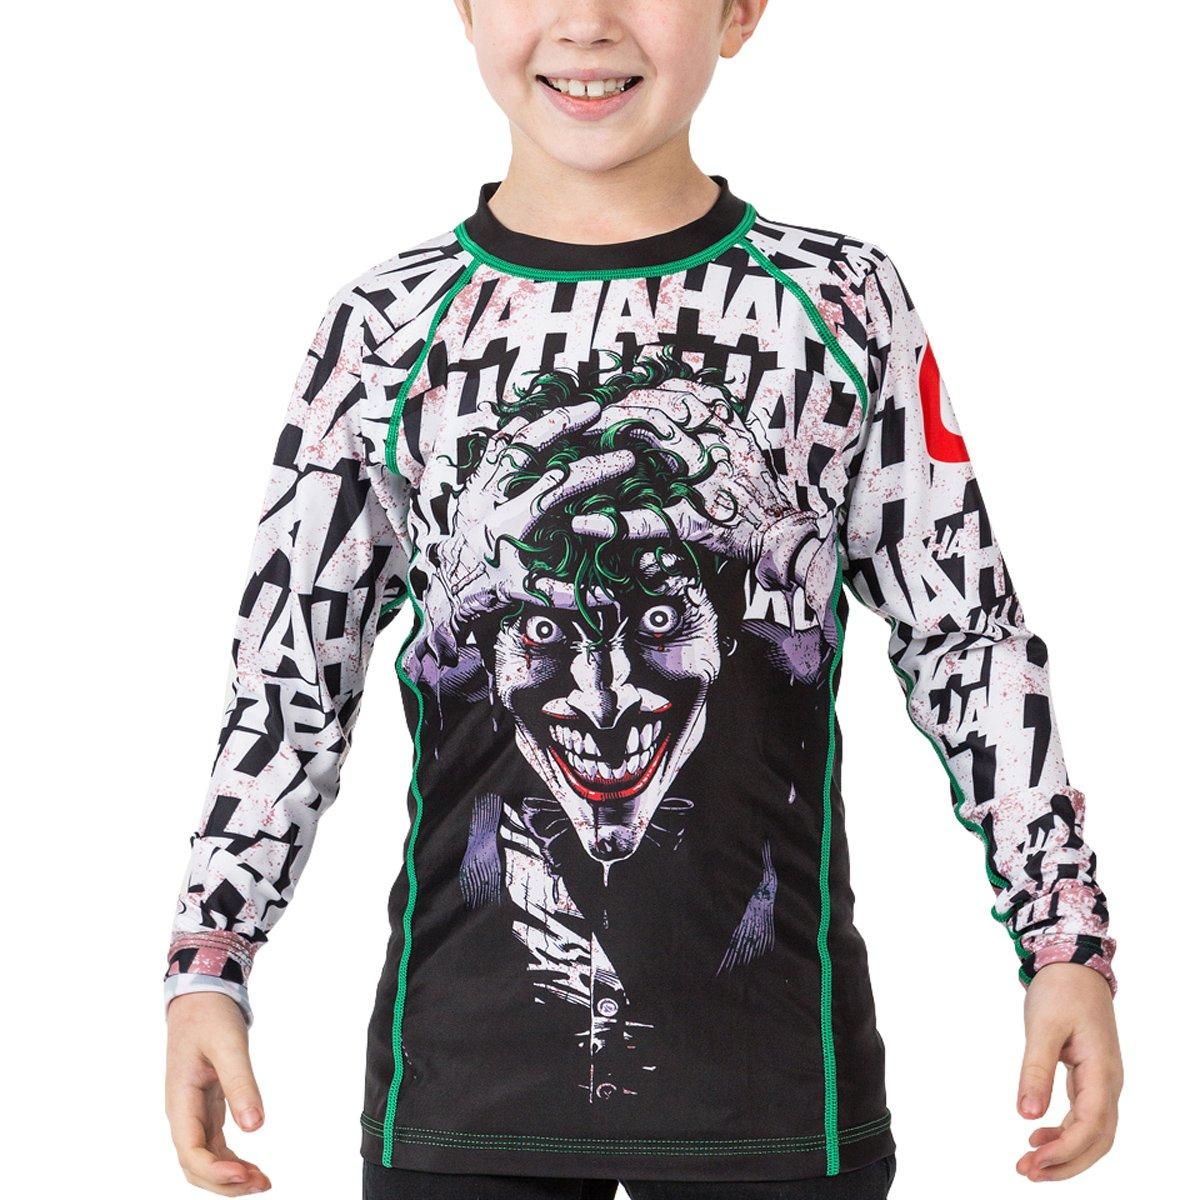 Fusion FG Batman The Killing Joke Kids Rashguard (L) by Fusion FG (Image #3)